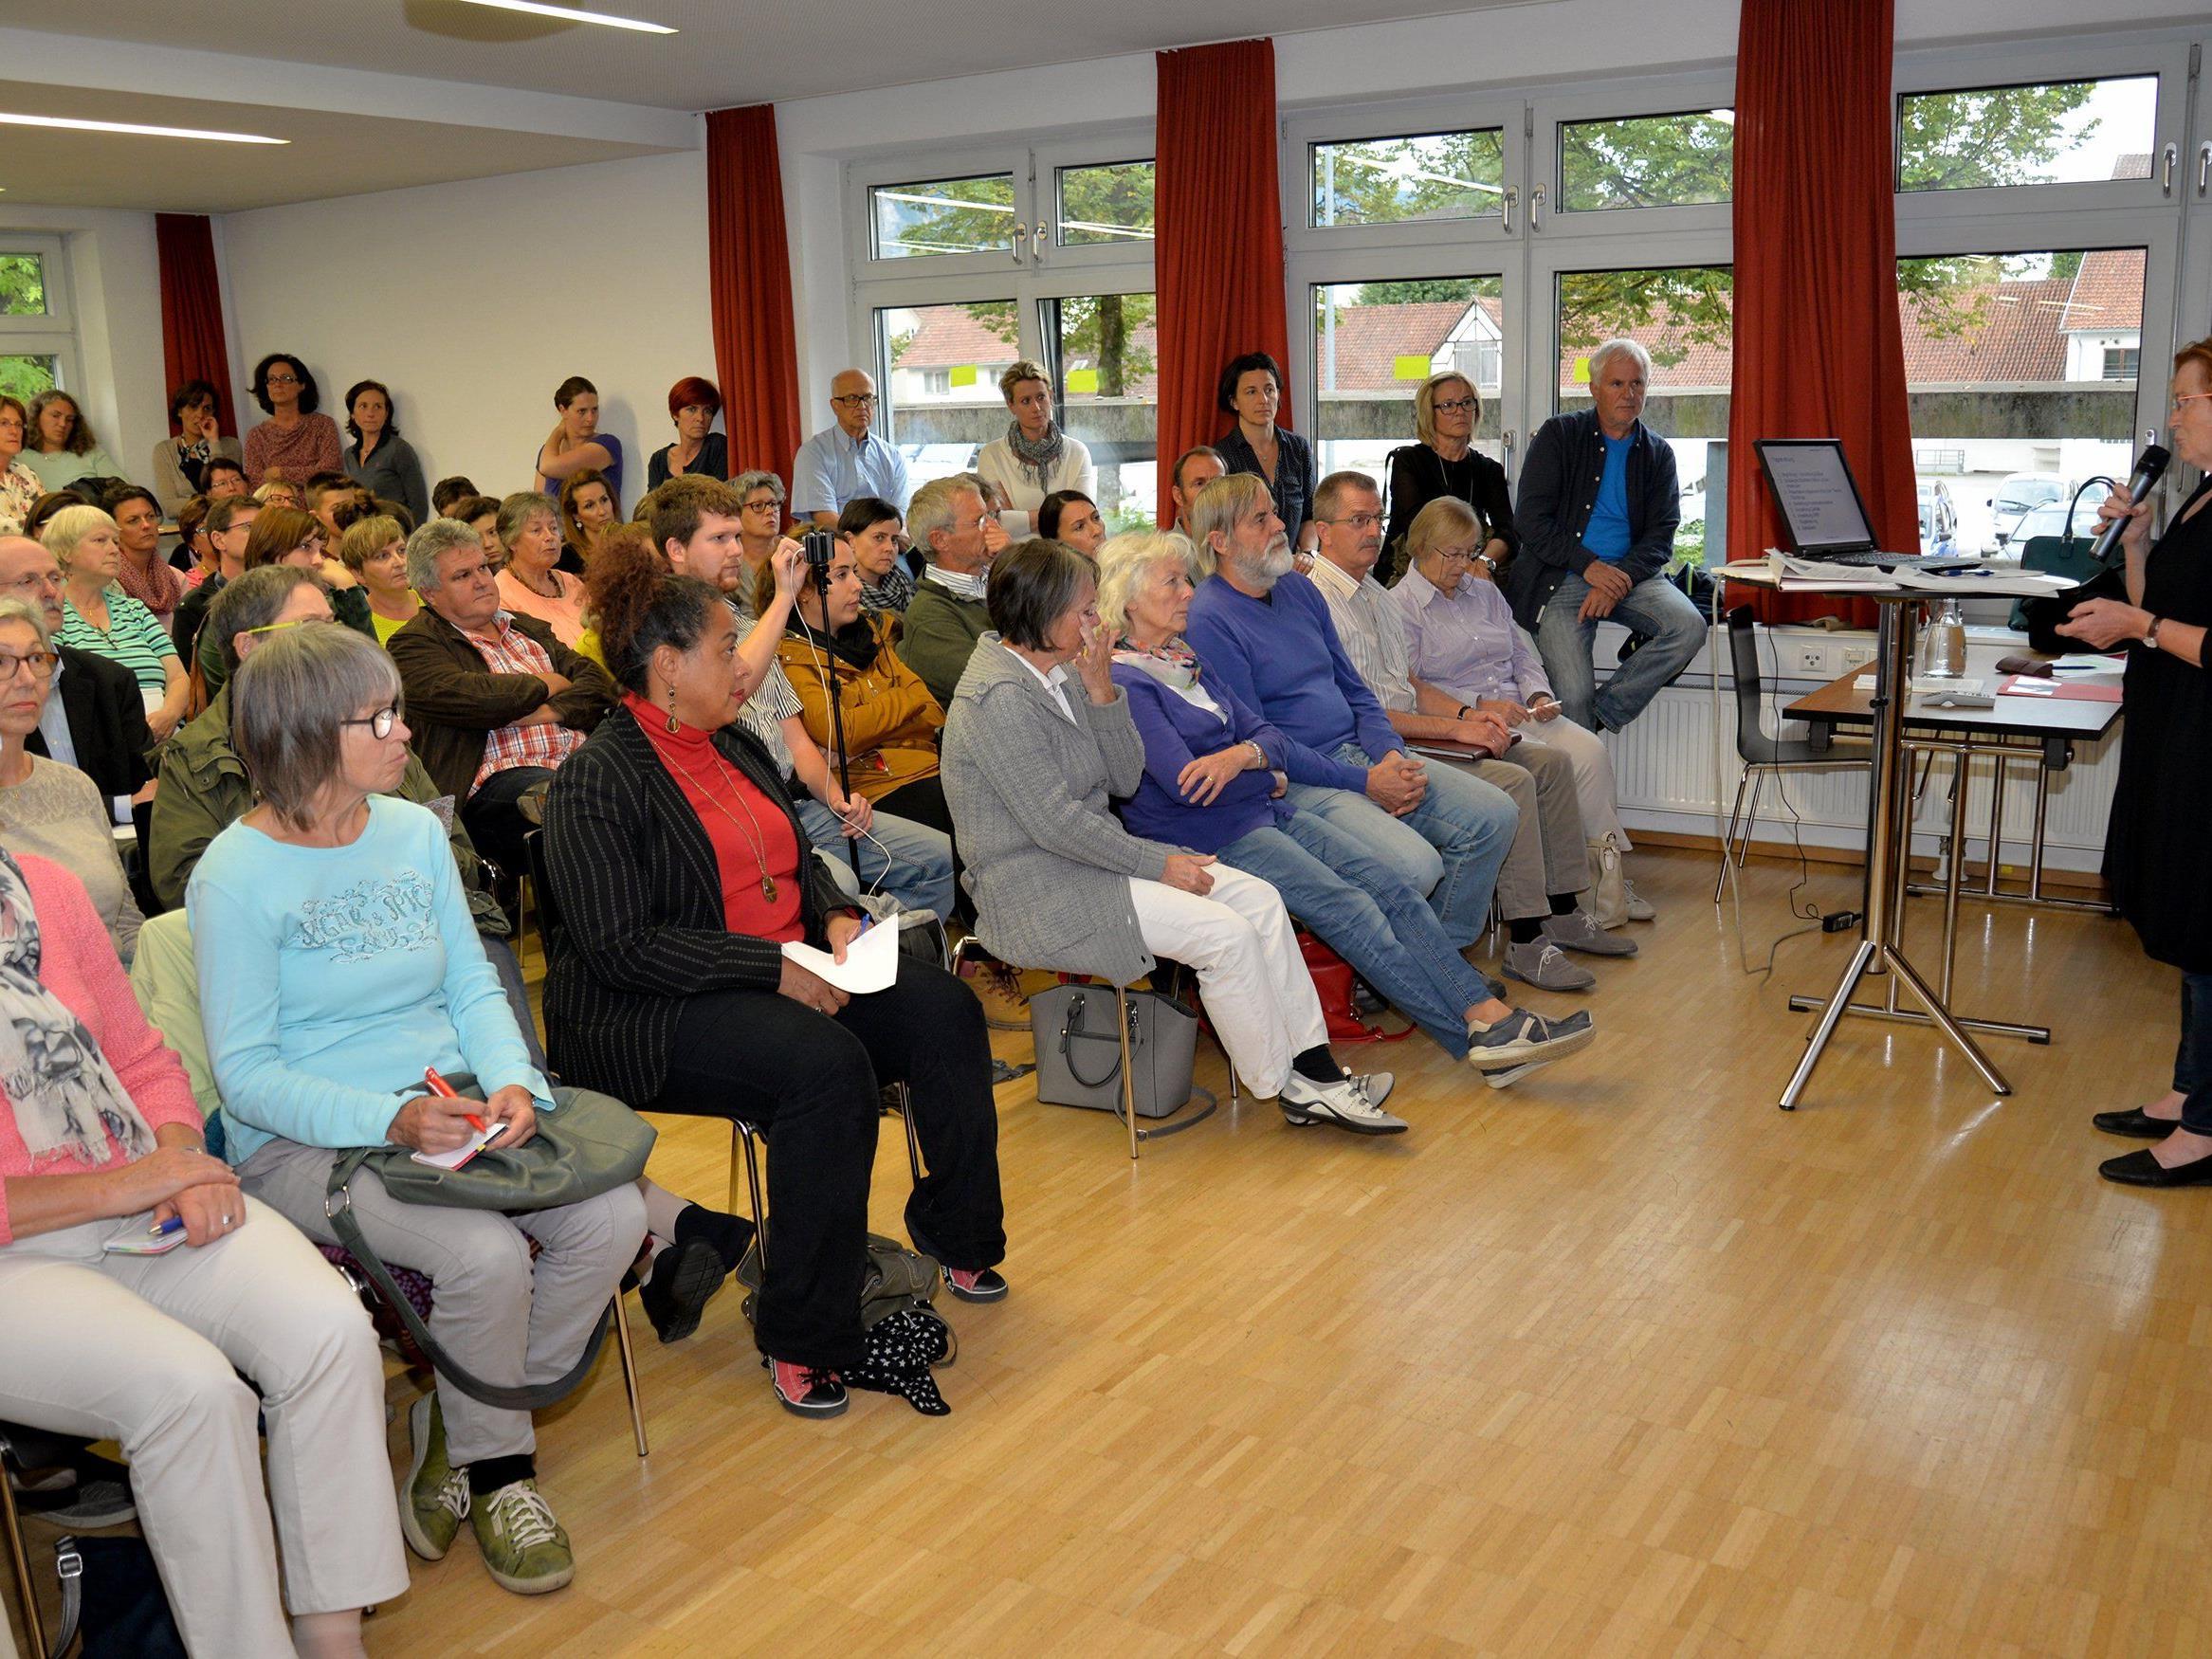 Mehr als 170 Interessierte bei Präsentation der neuen Koordinationsstelle für ehrenamtliche Flüchtlingshelfer in Dornbirn.